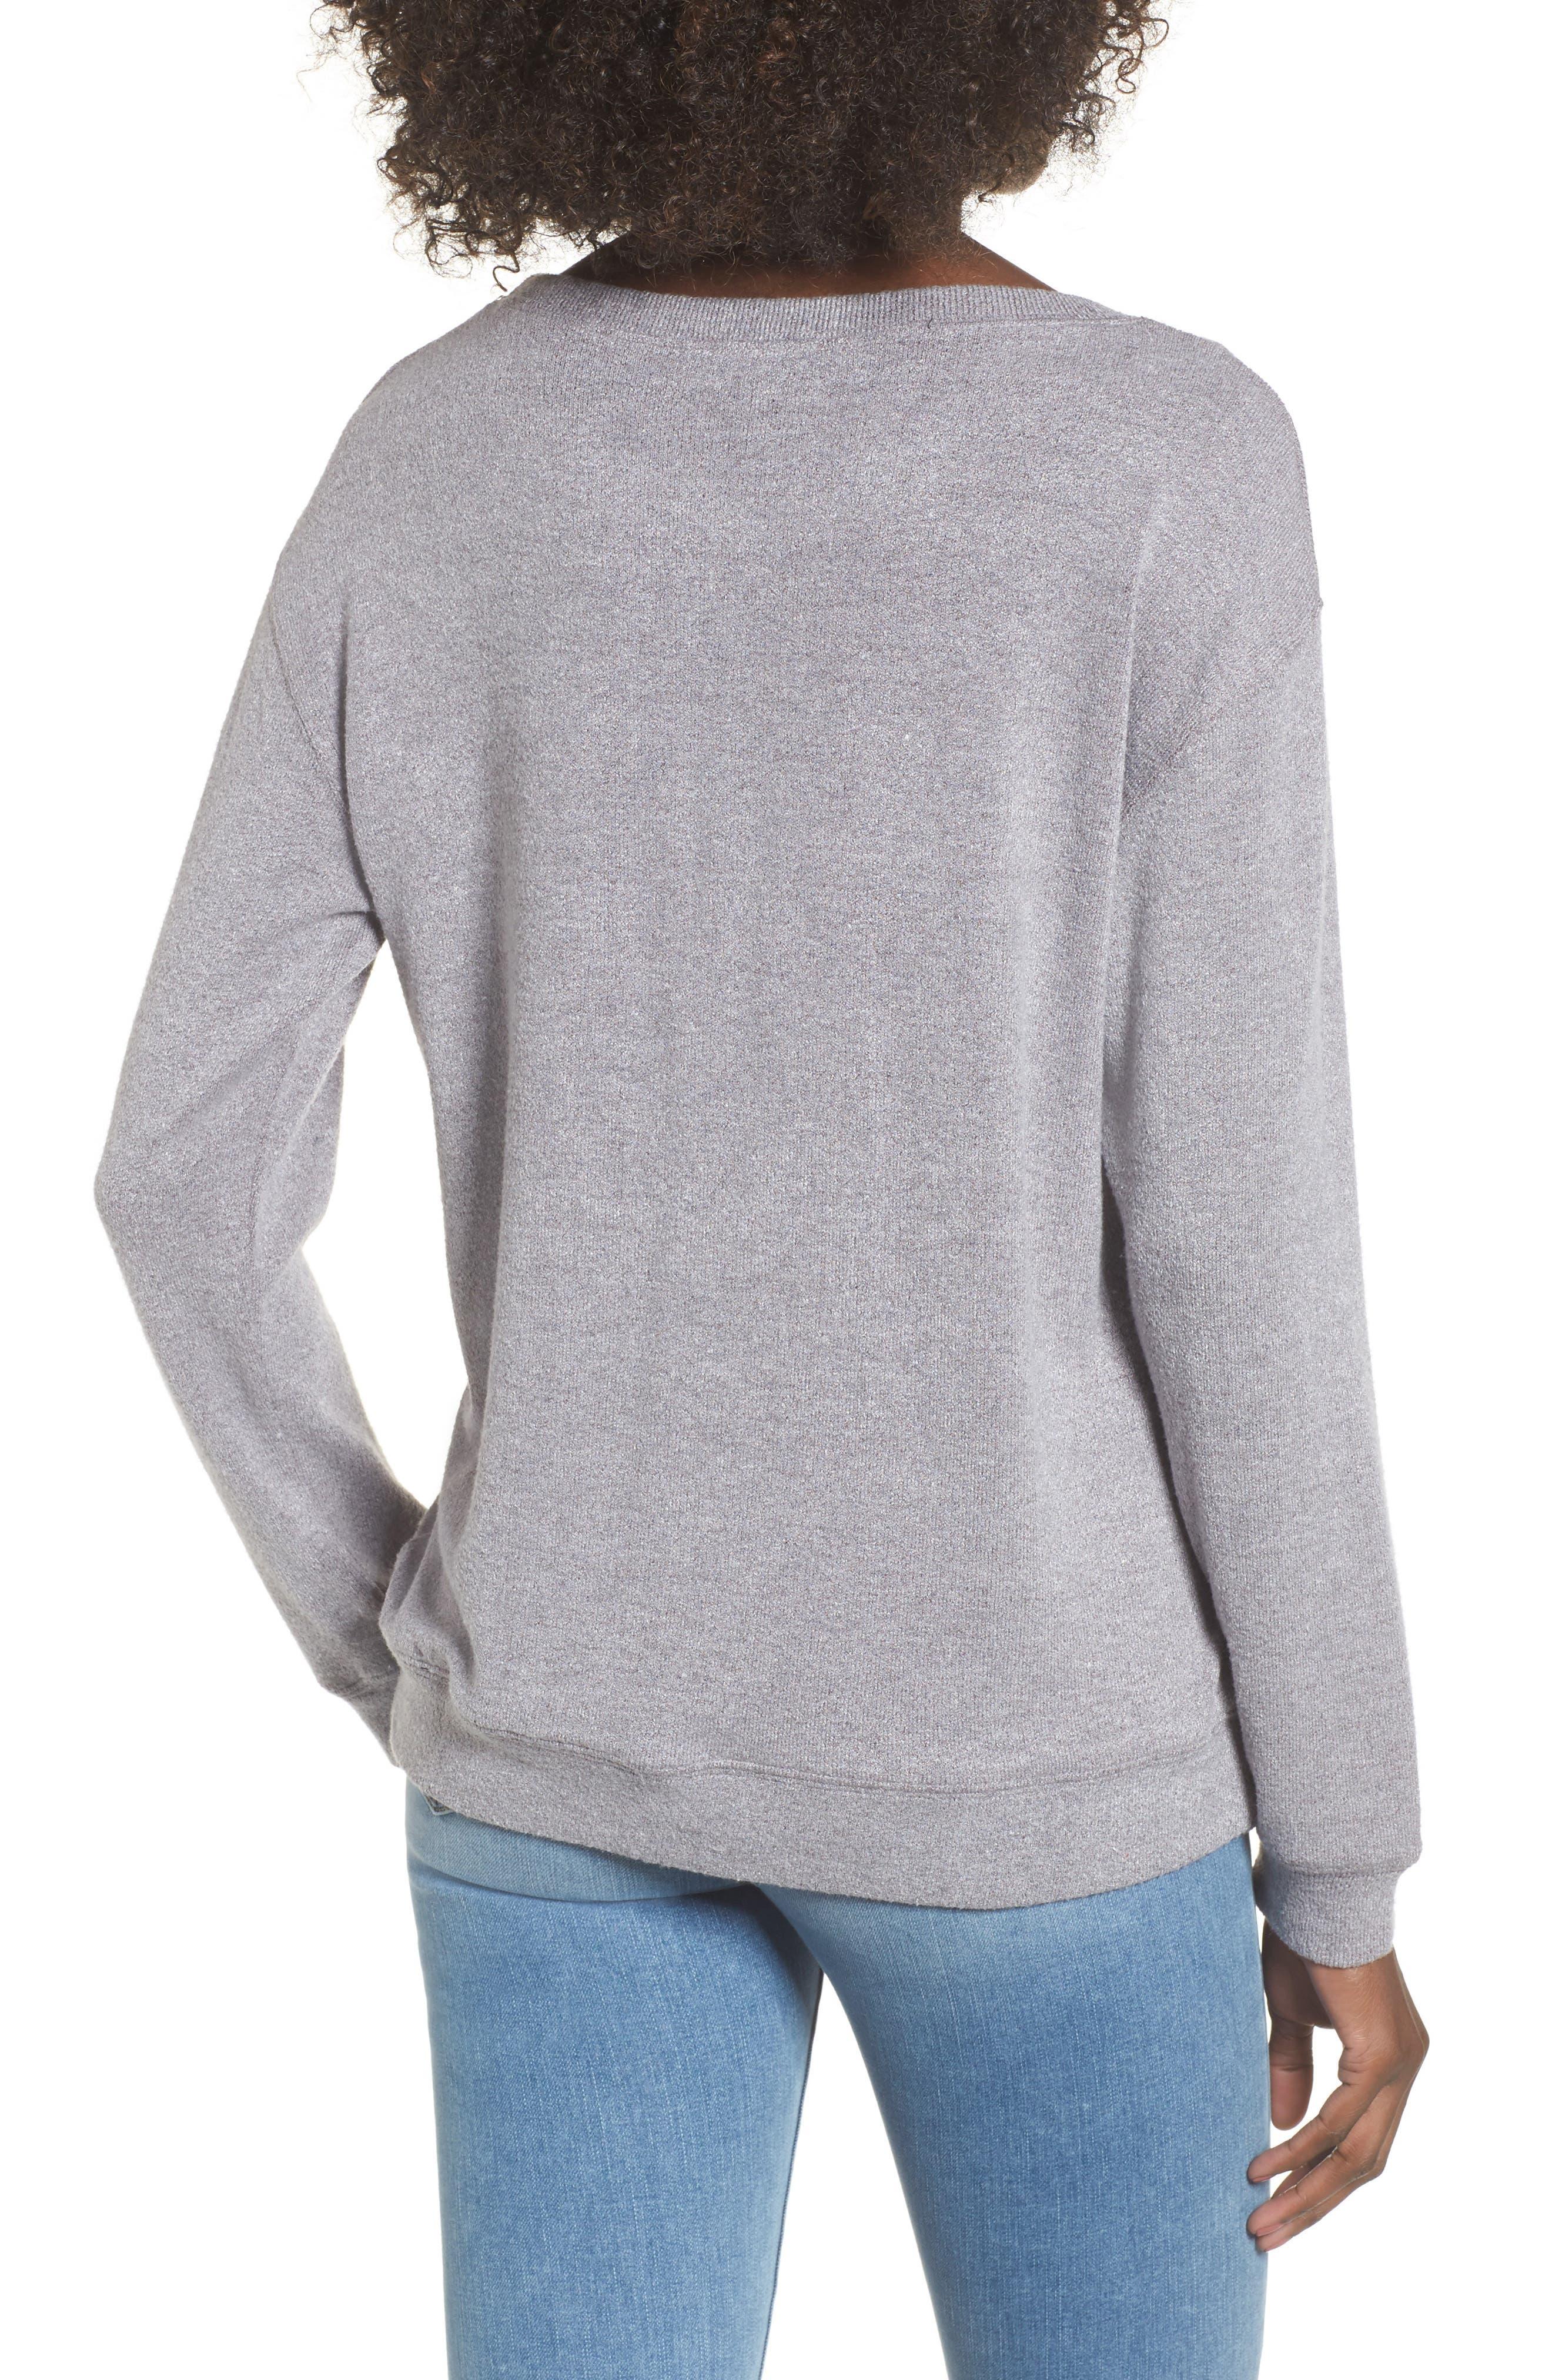 Phoebe Fleece Sweatshirt,                             Alternate thumbnail 2, color,                             Heather Grey